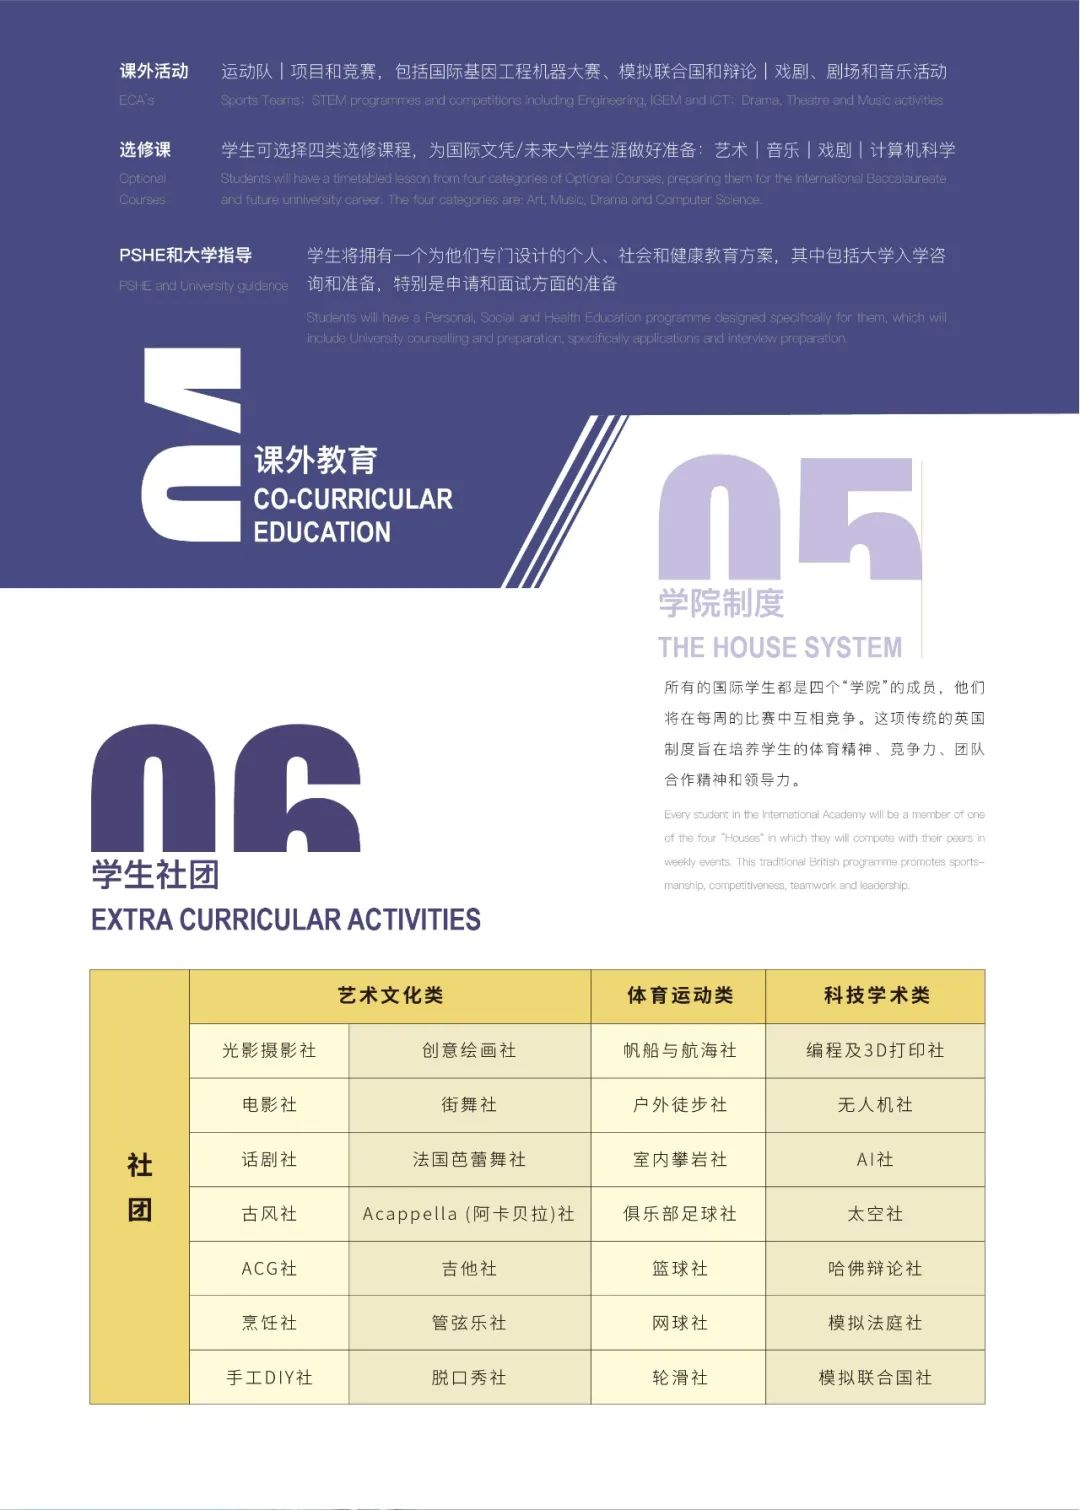 2021年深圳市华朗学校学费及国际部简介